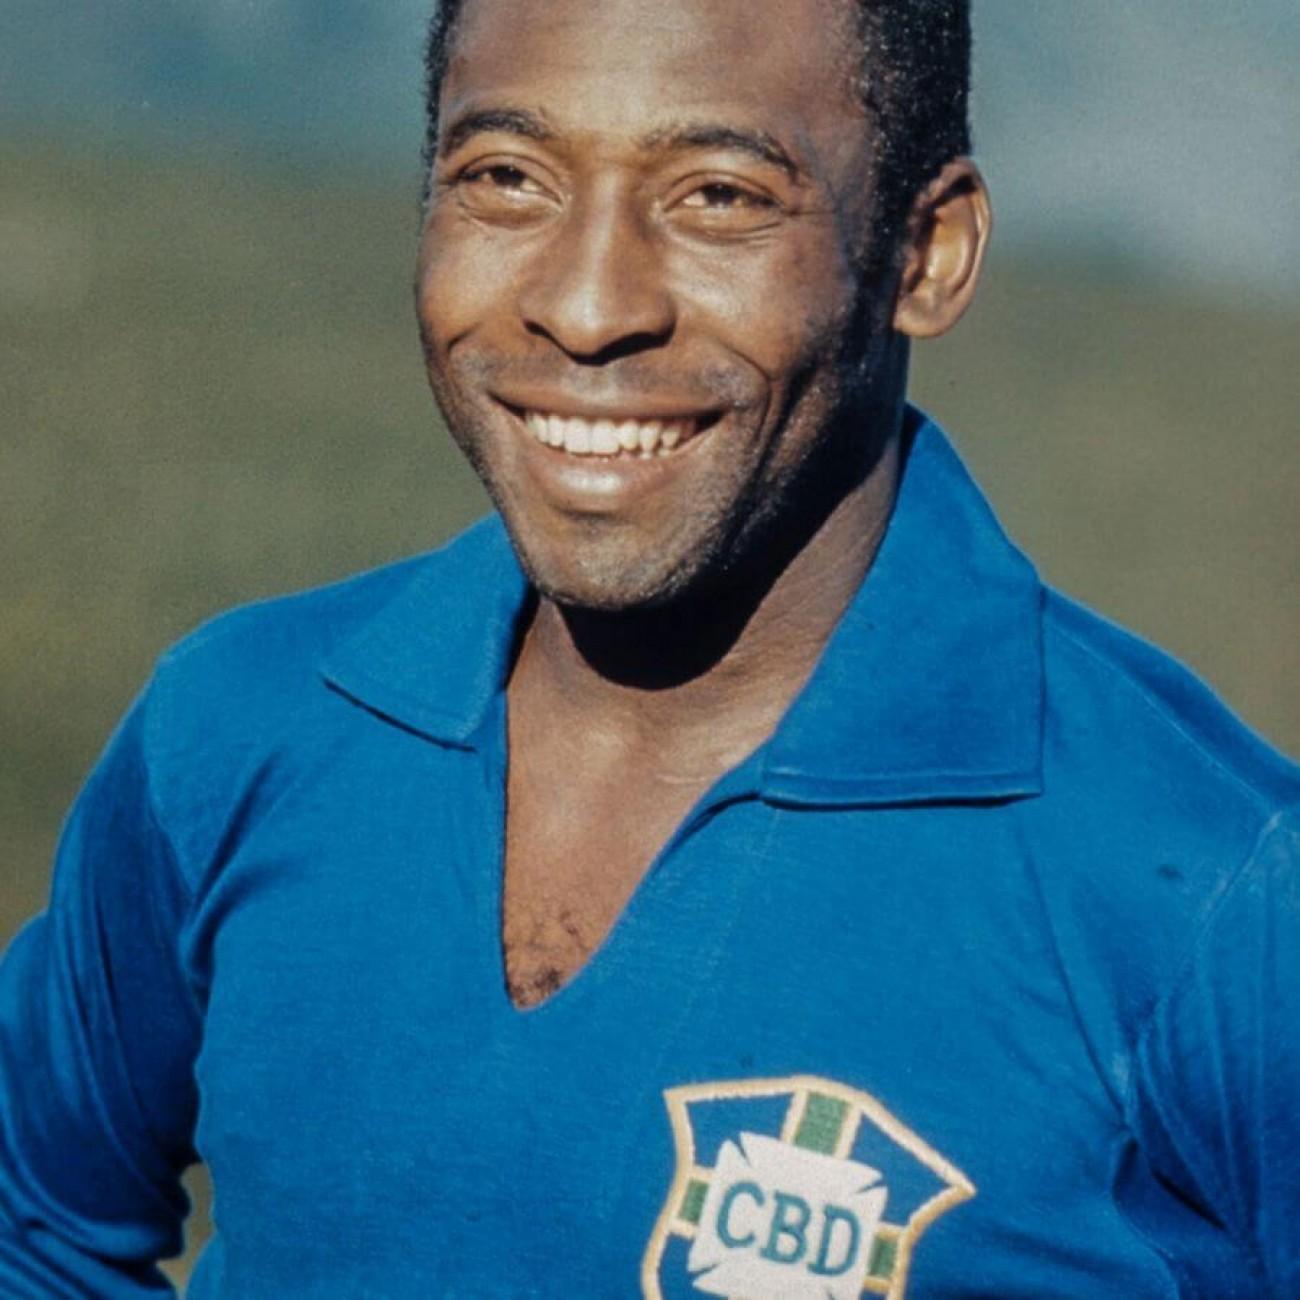 Maillot Brésil Pelé 1958